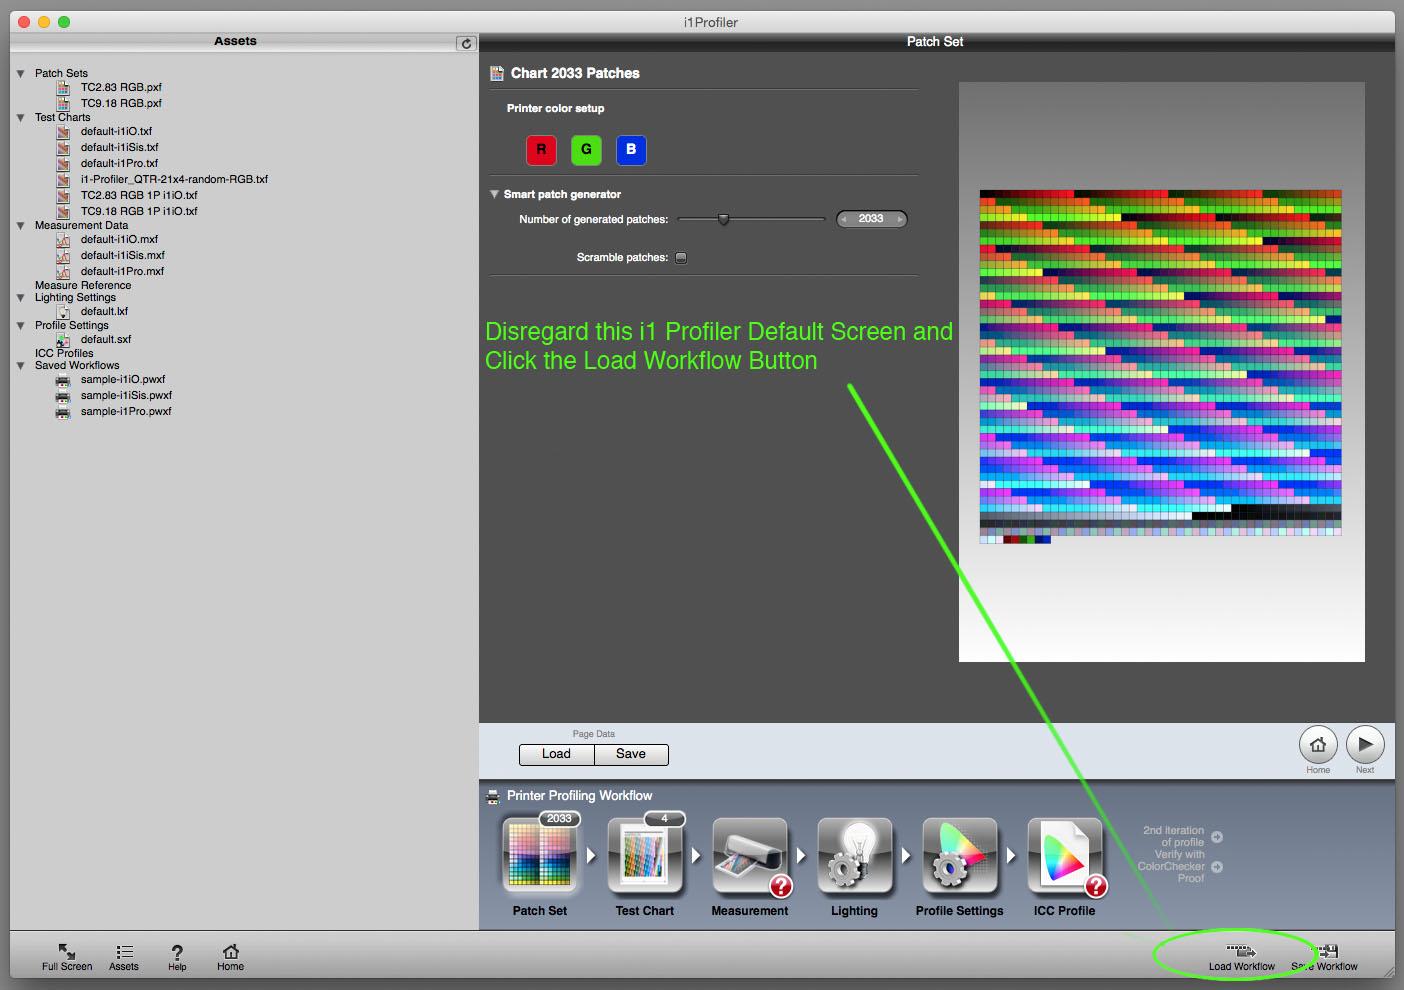 i1 Profiler Load Workflow.jpg